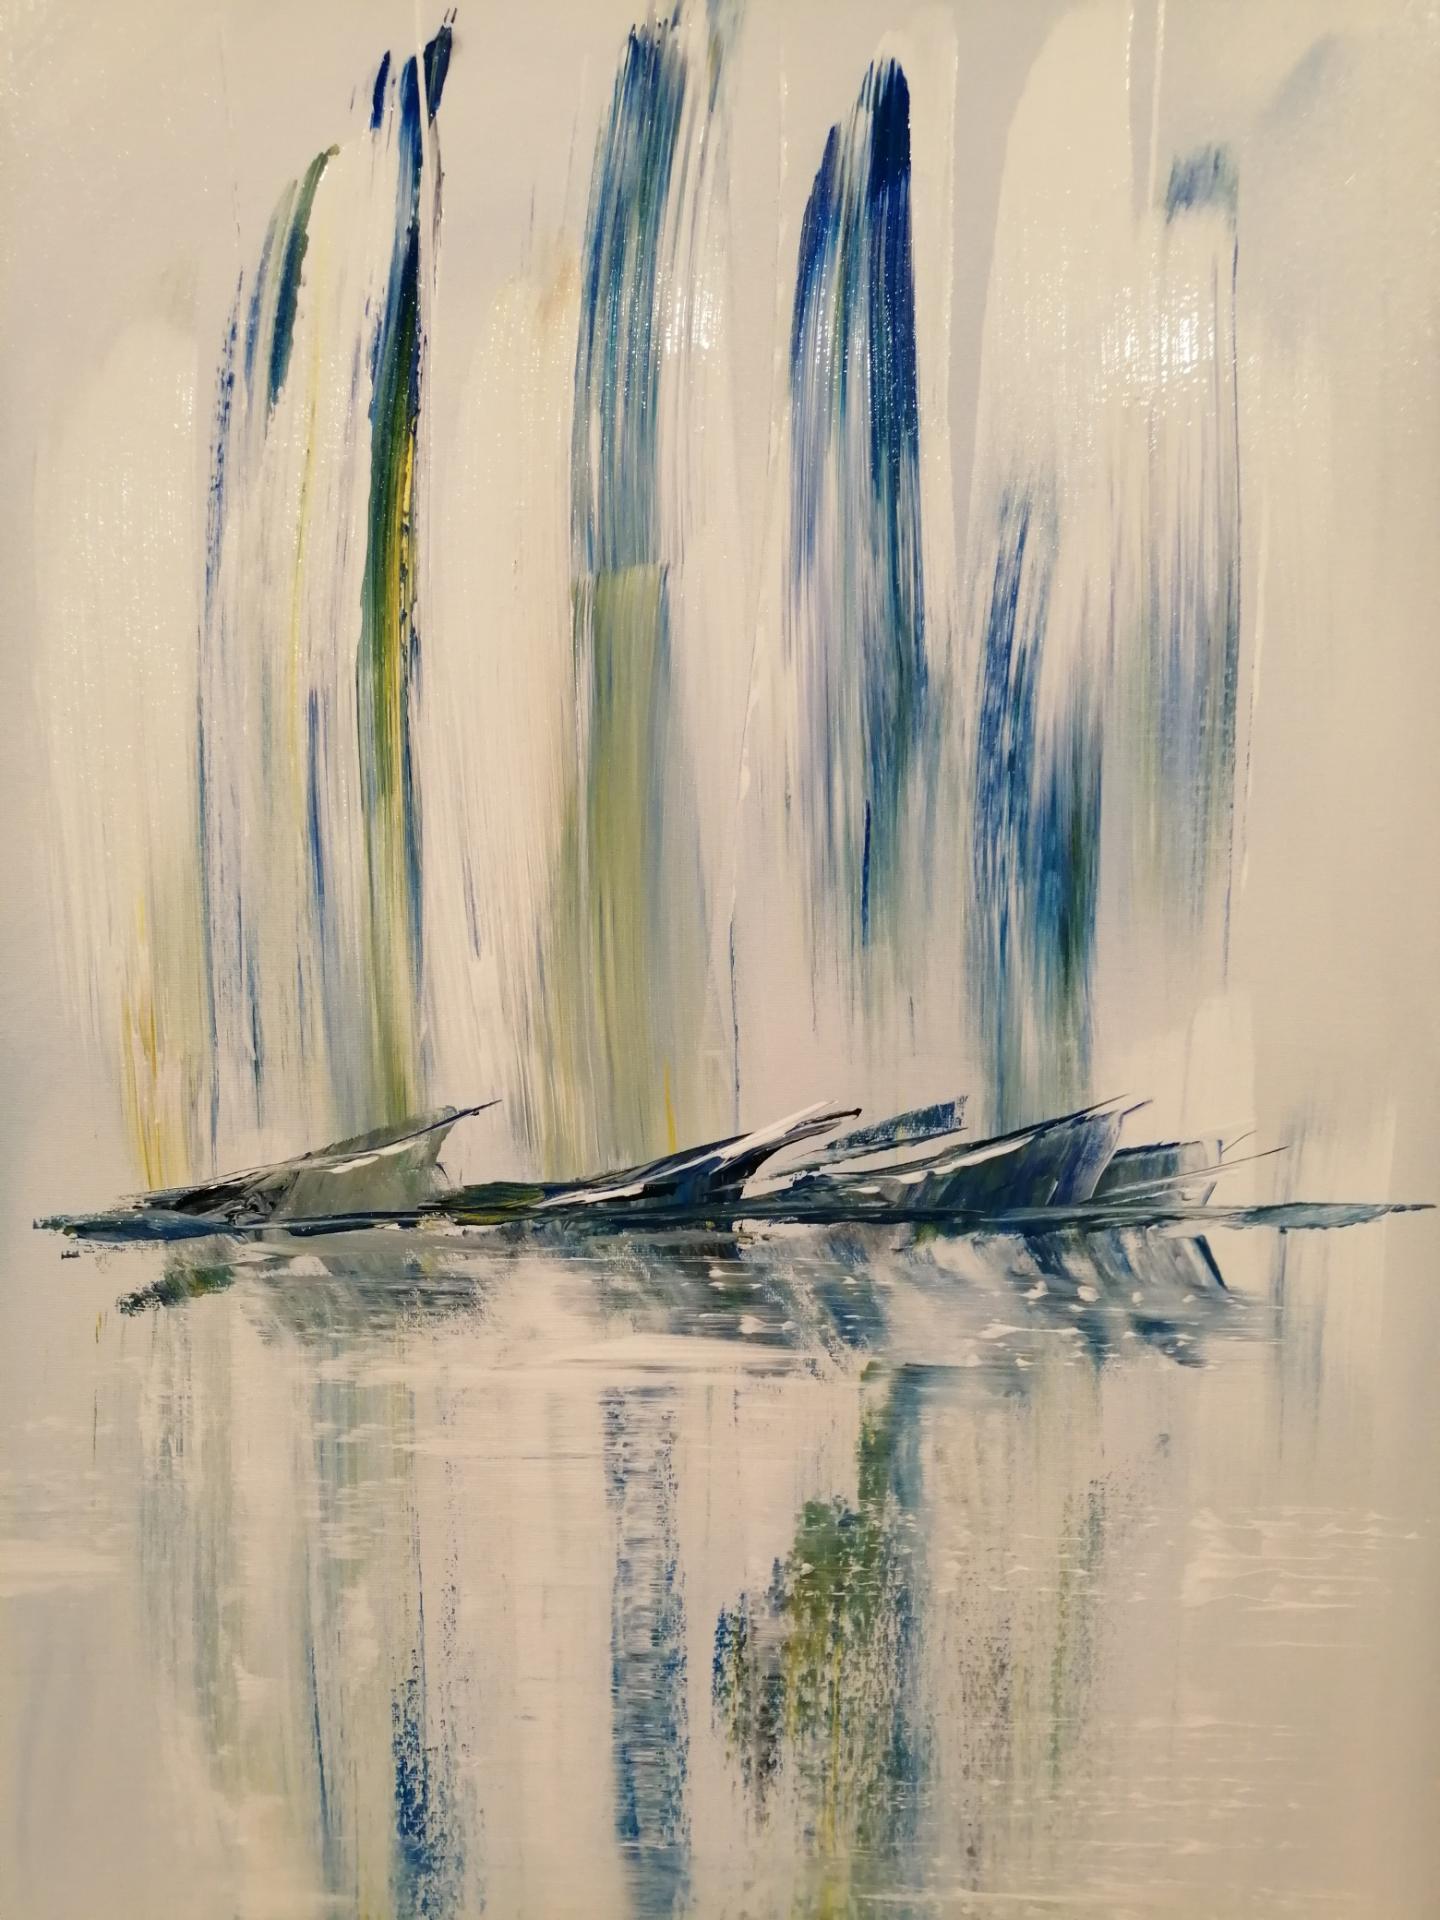 les voiliers bleus